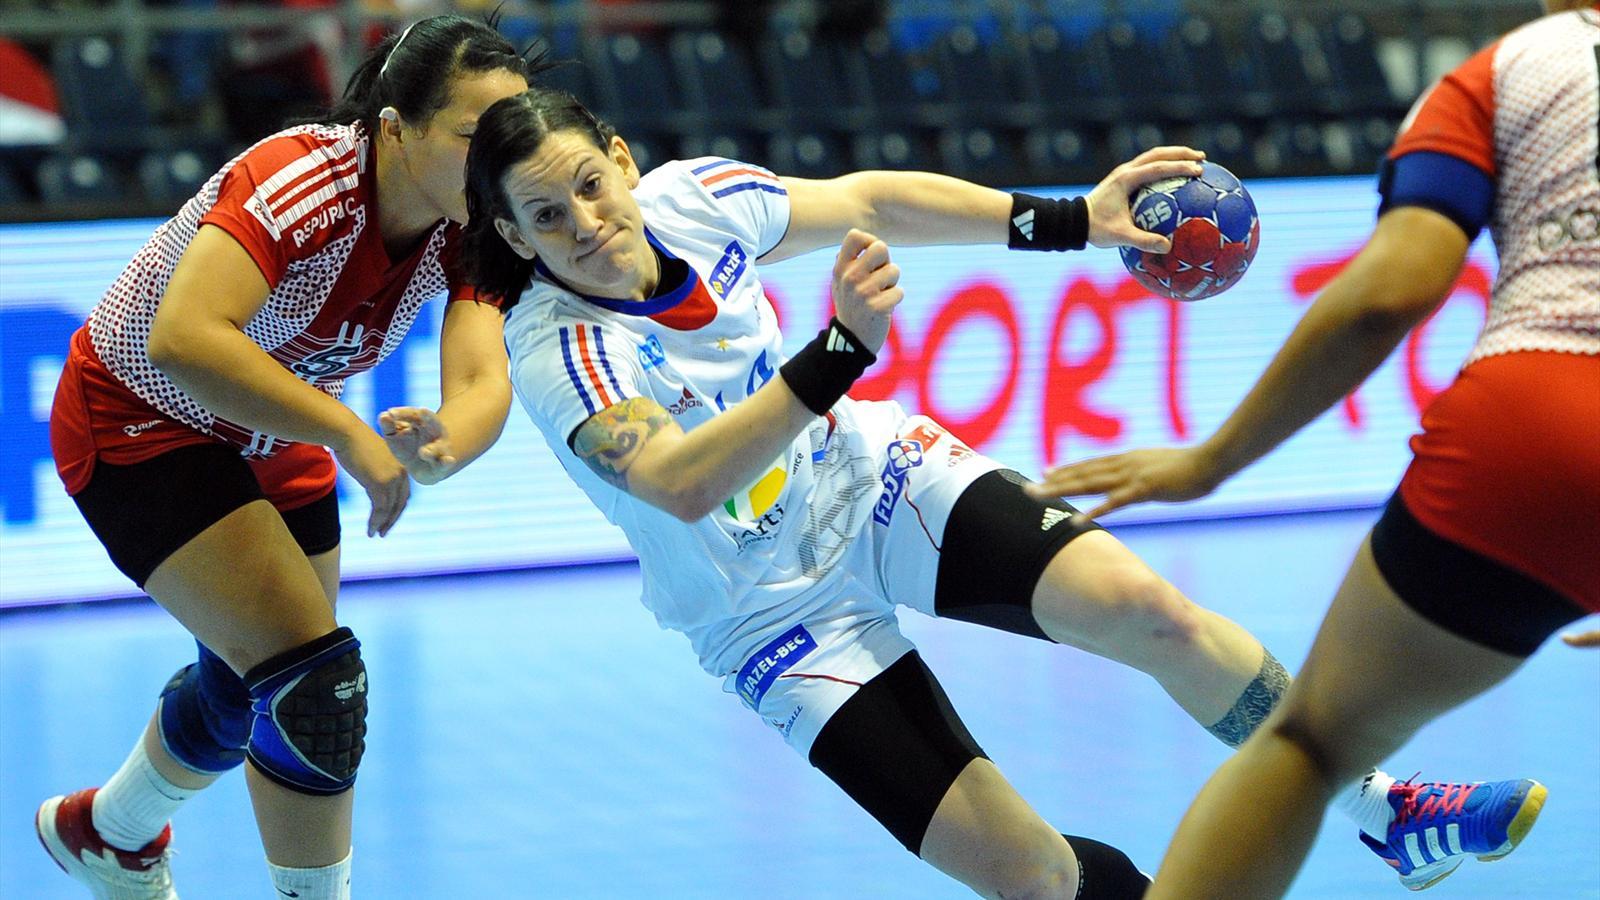 Mondial dames la france loin d 39 tre convaincante face la r publique dominicaine 27 10 - Coupe du monde handball 2013 ...